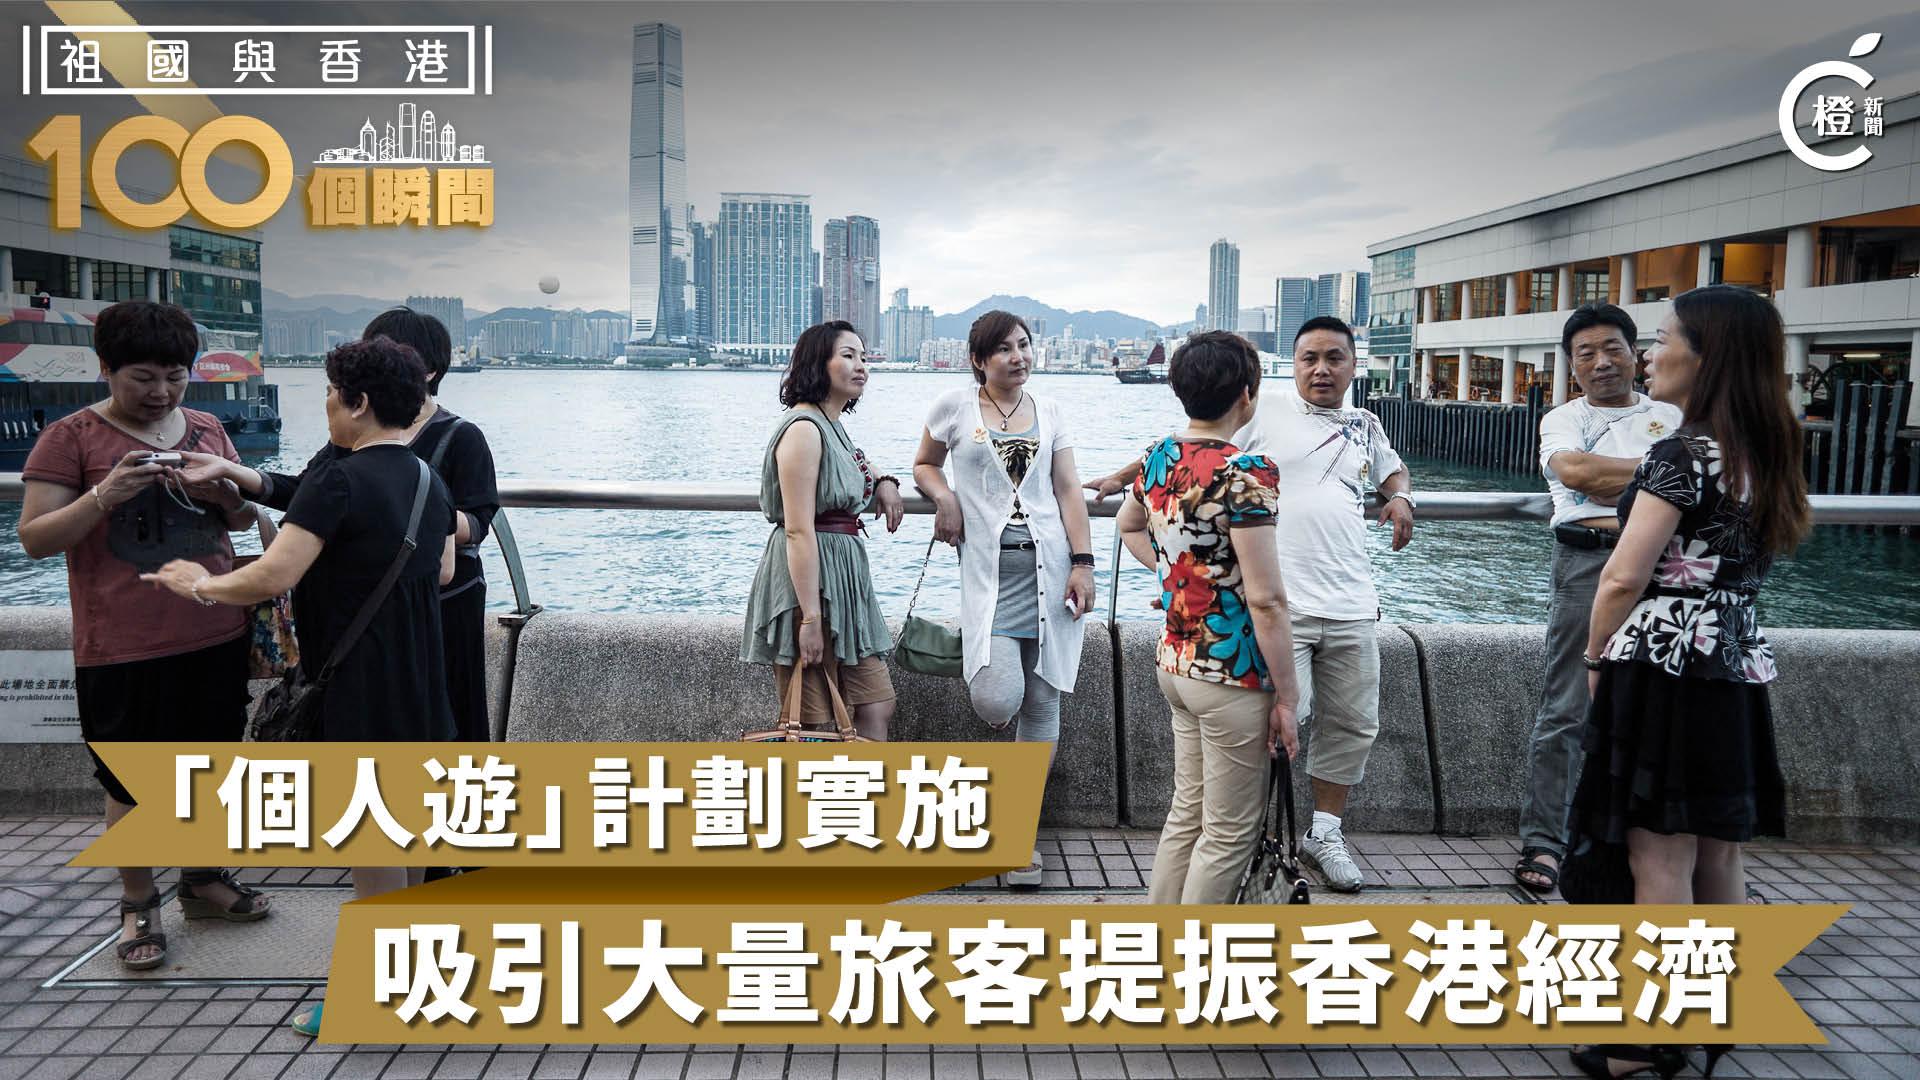 【祖國與香港100個瞬間】「個人遊」計劃實施 吸引大量旅客提振香港經濟